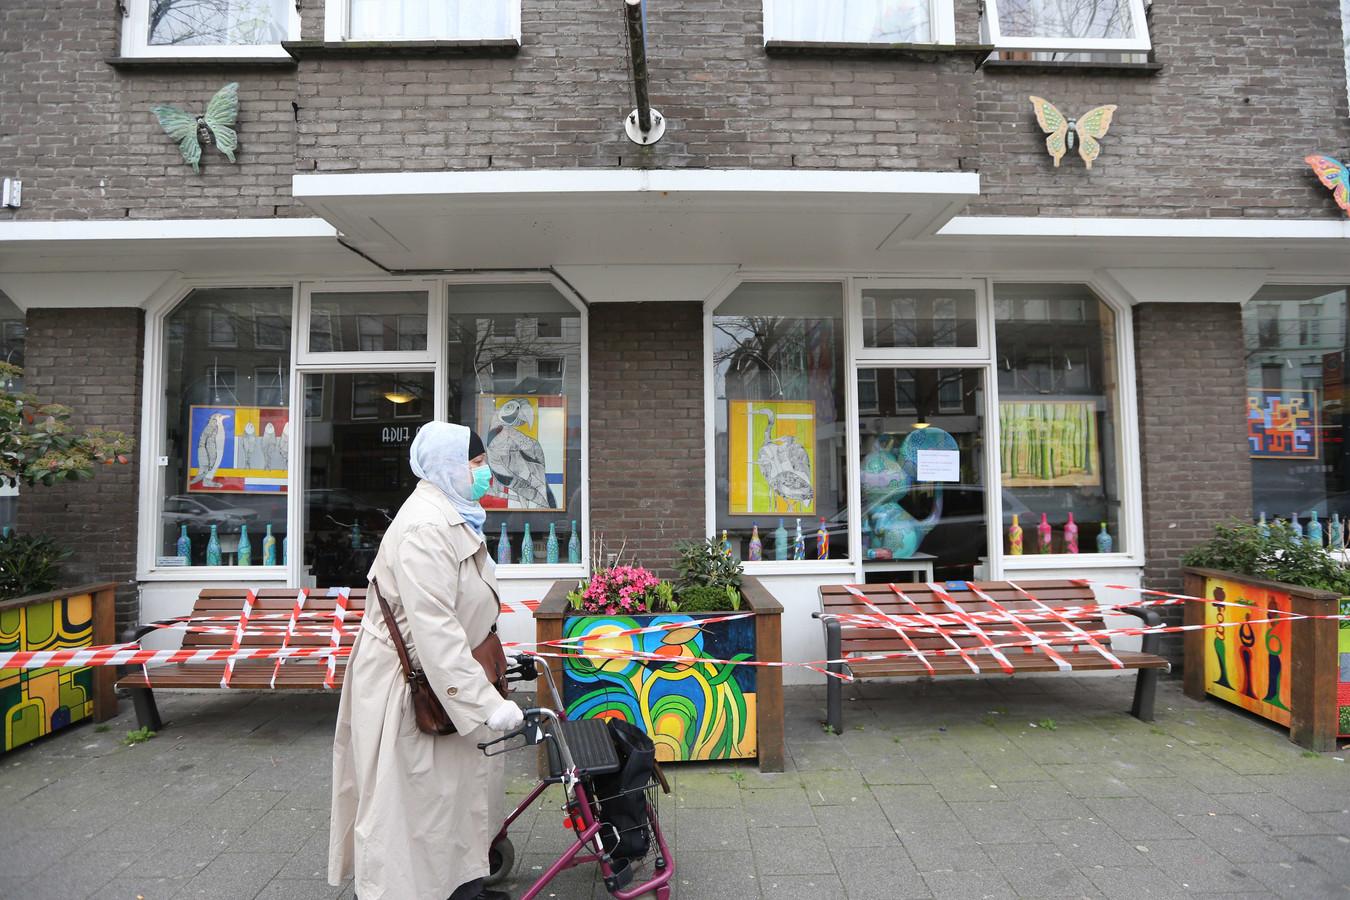 Bankjes voor het Rotterdamse verpleeghuis De Leeuwenhoek zijn gesloten met lint. Bijna de helft van de bewoners van een afdeling voor dementerende ouderen is de afgelopen drie weken overleden, vermoedelijk allemaal aan corona.